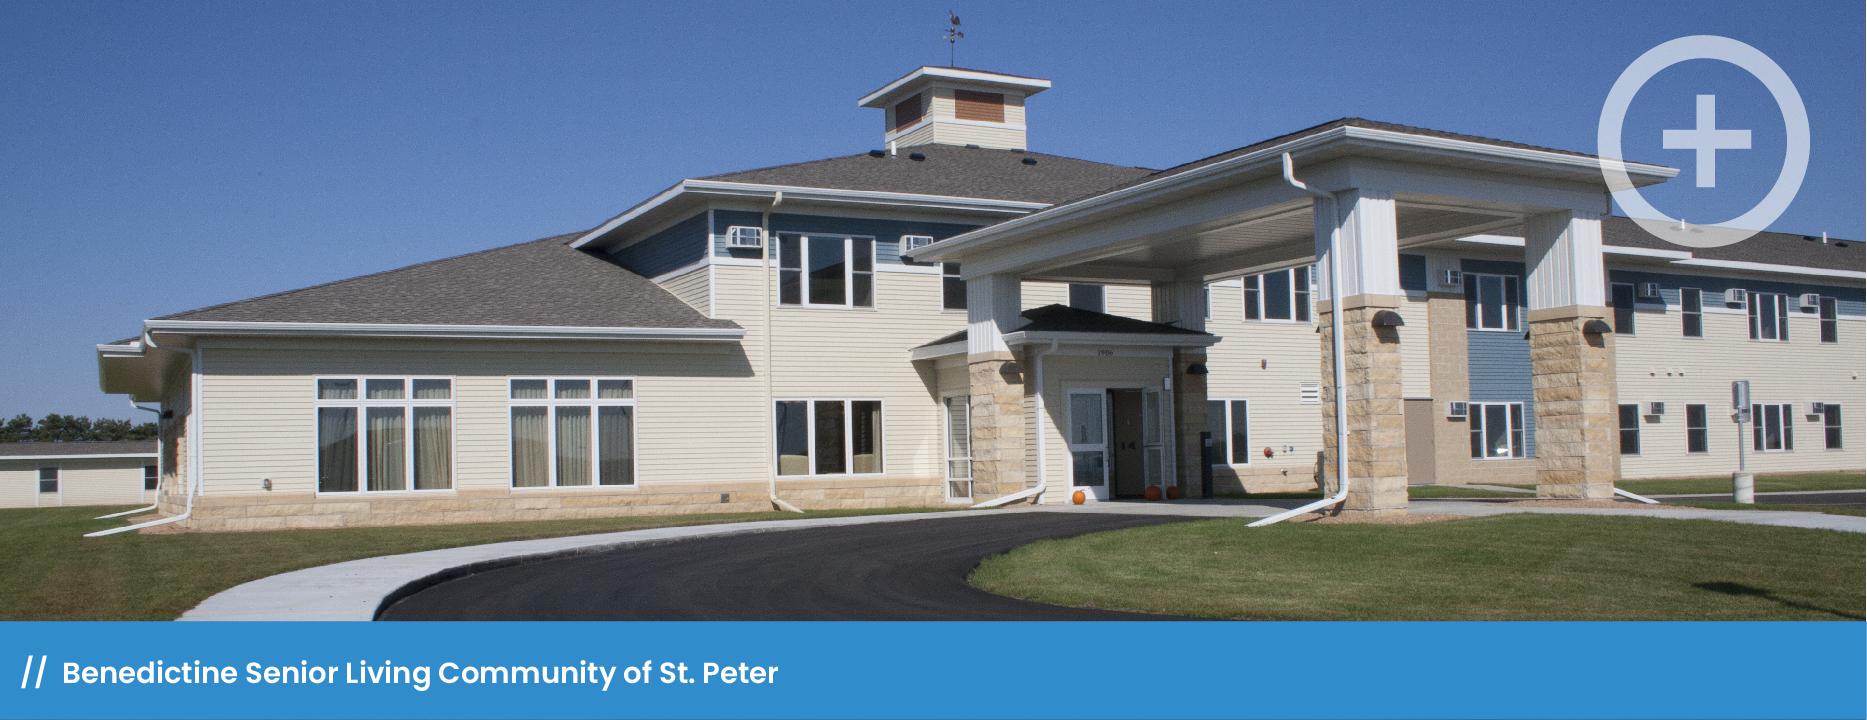 Yanik-Watermark_Benedictine Senior Living Community of St. Peter